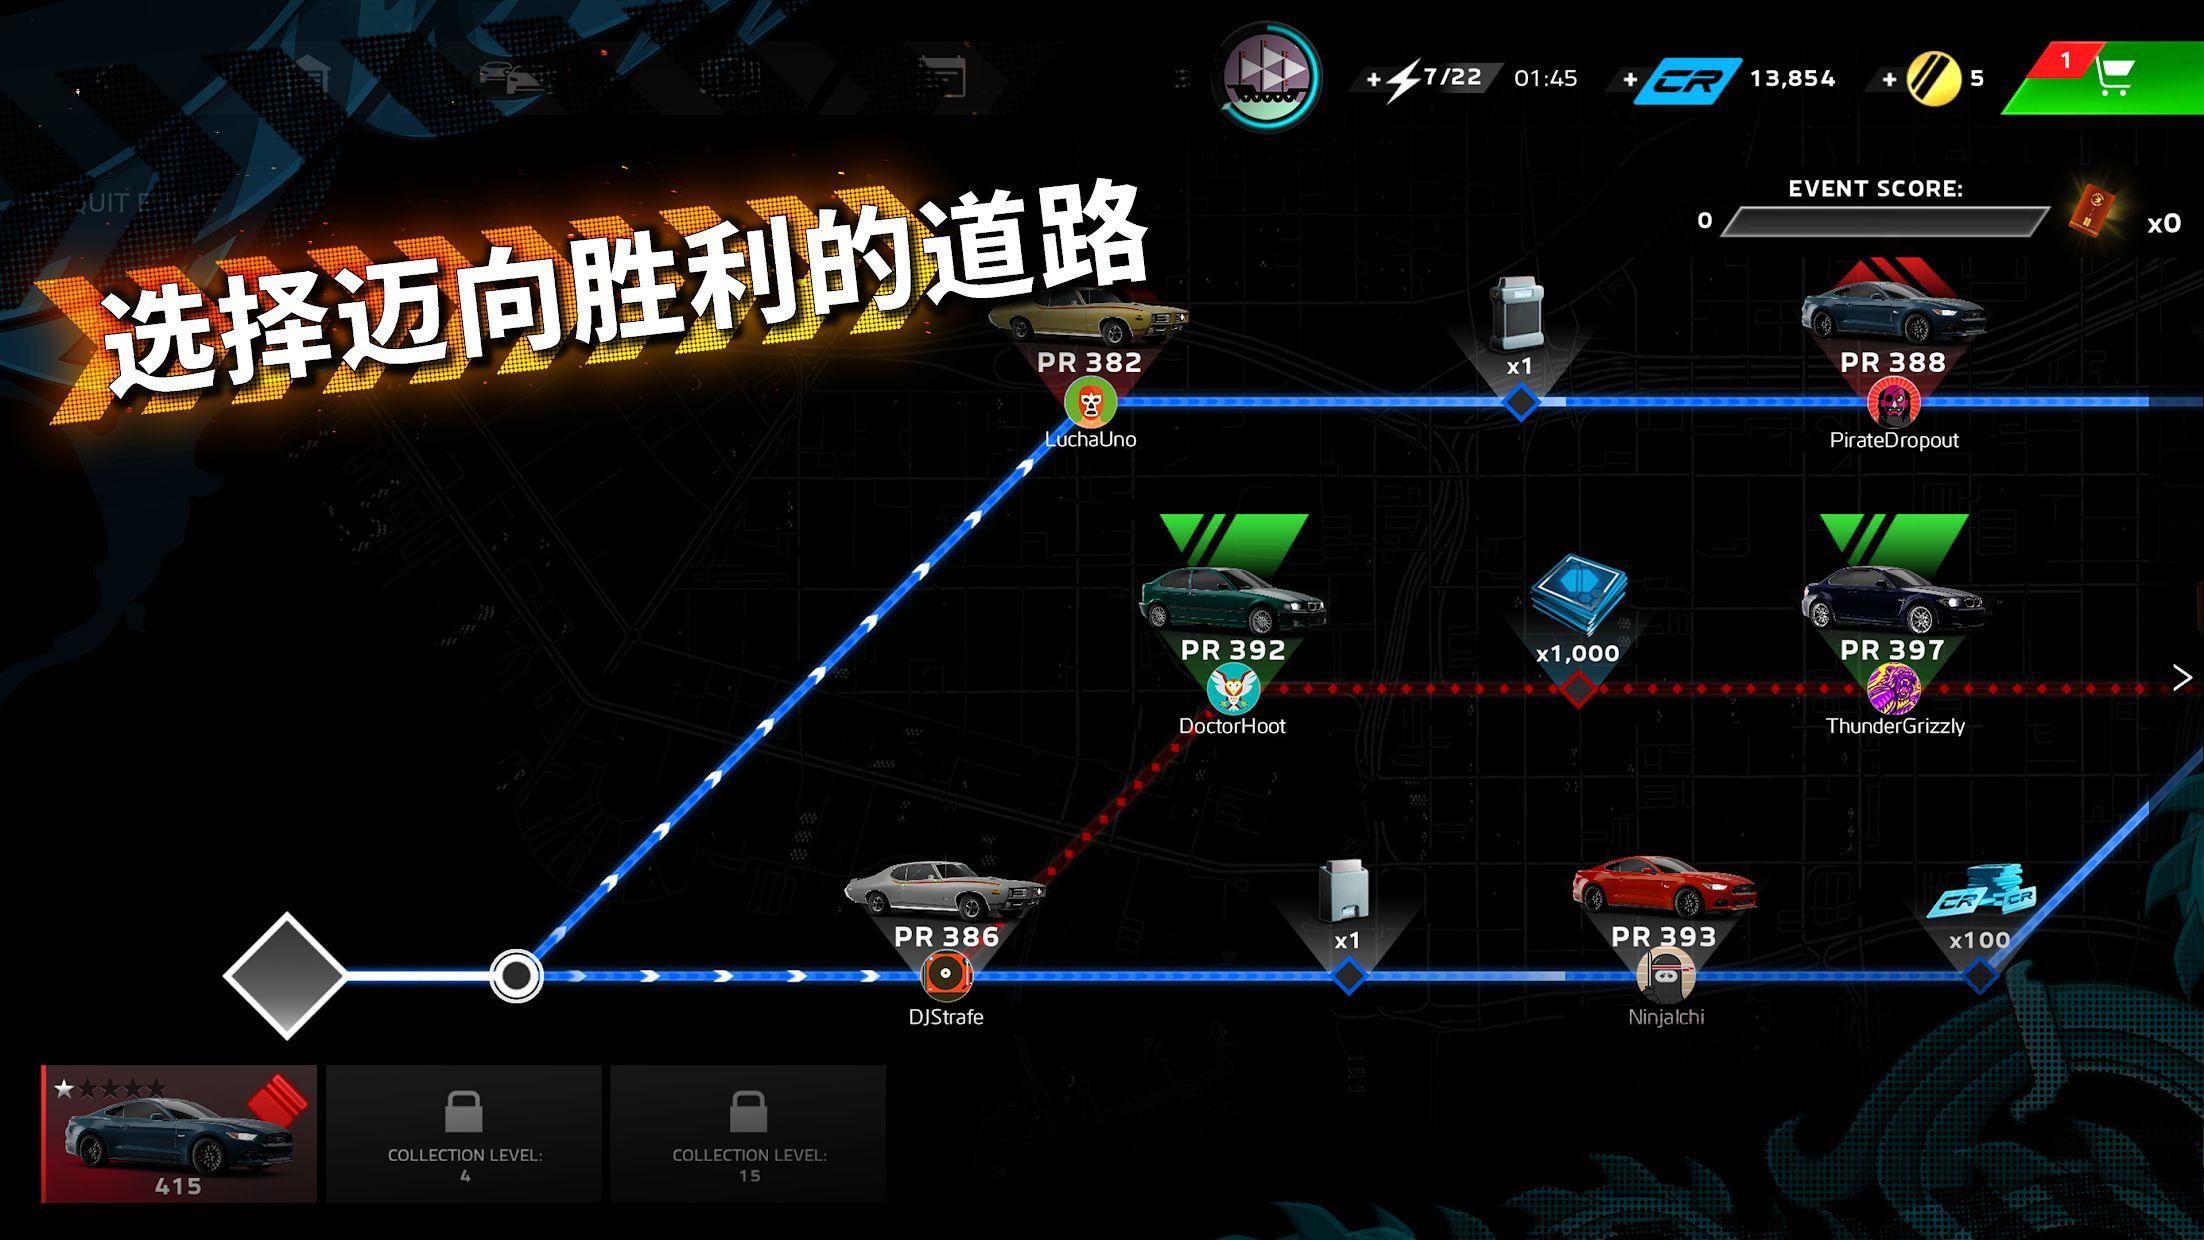 极限竞速:街头传奇(Forza Street) 游戏截图5